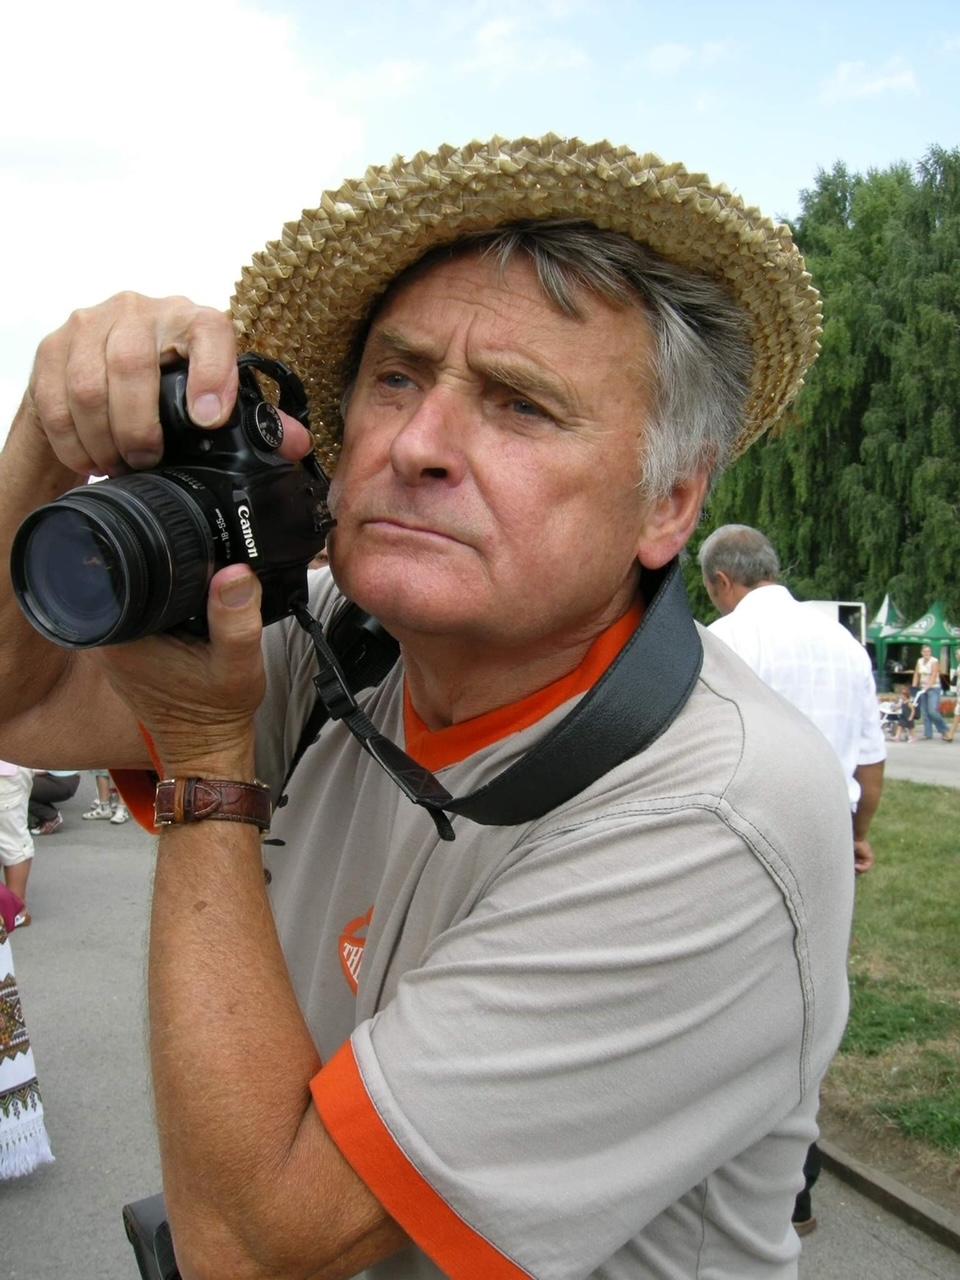 4 червня о 12.00 у Тернополі відкриють фотовиставку заслуженого журналіста України Василя Бурми